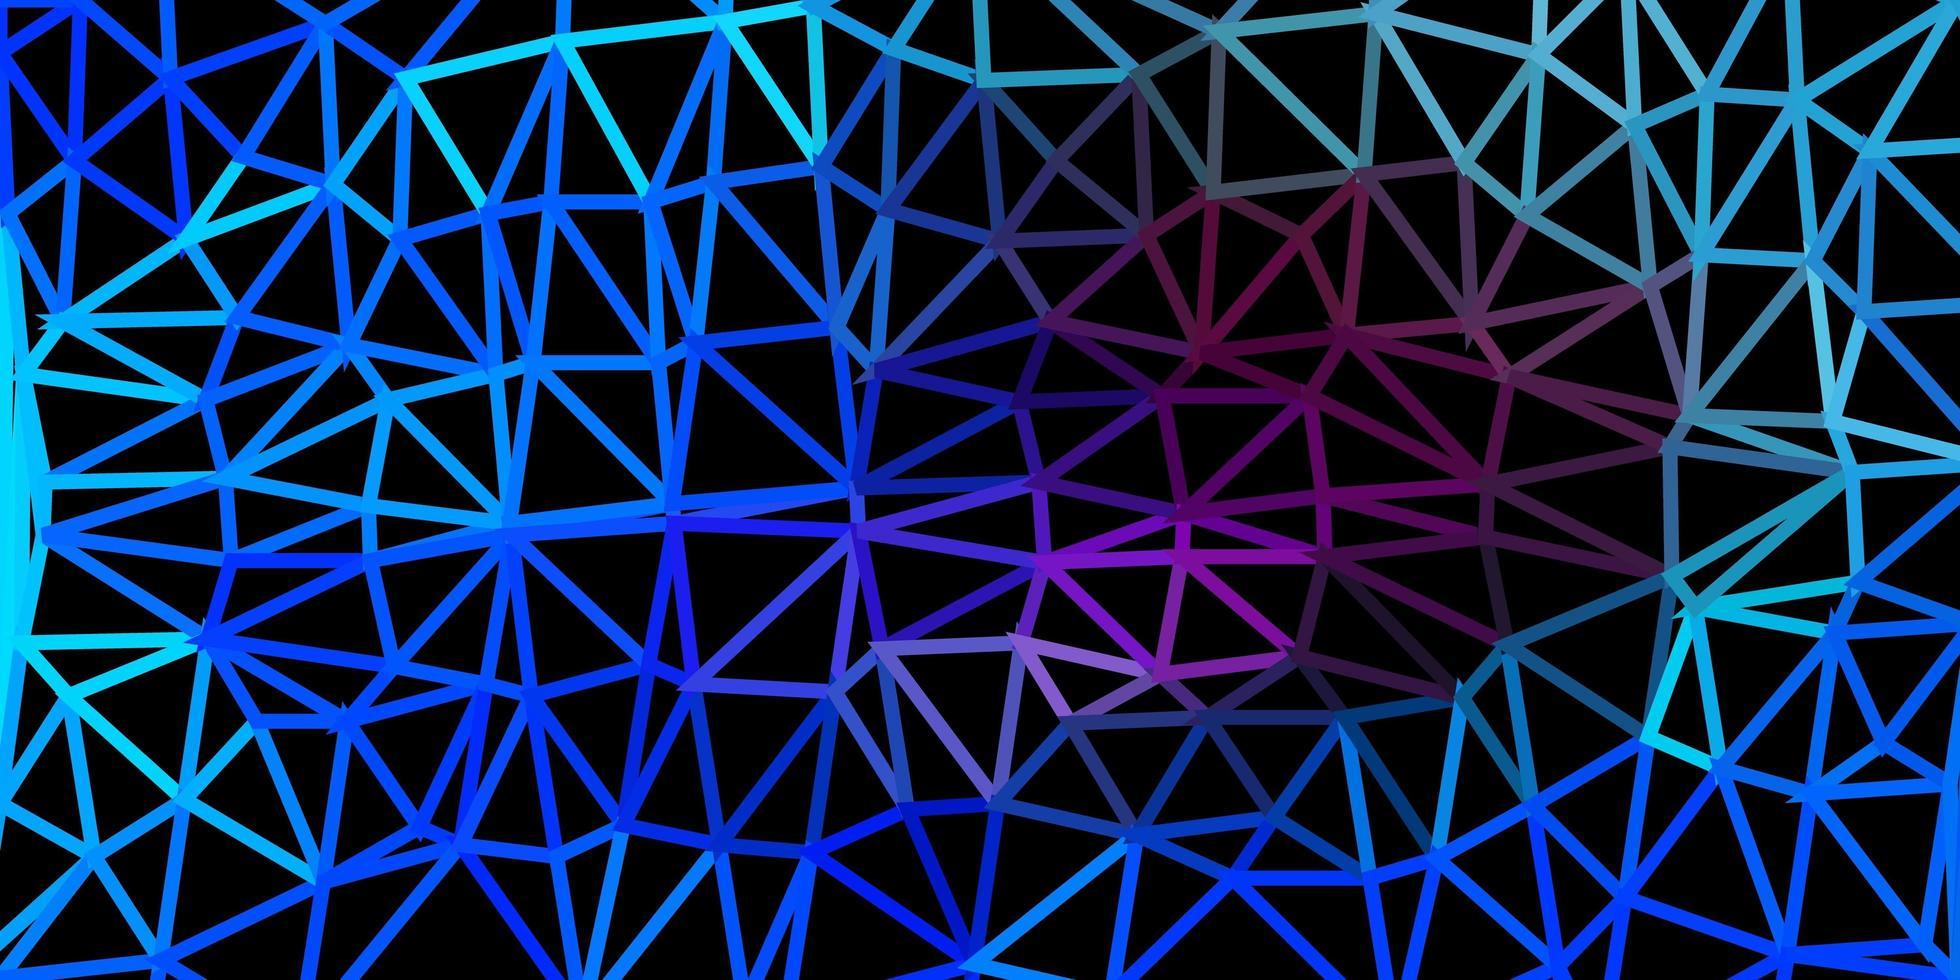 fond de mosaïque triangle vecteur rose foncé, bleu.